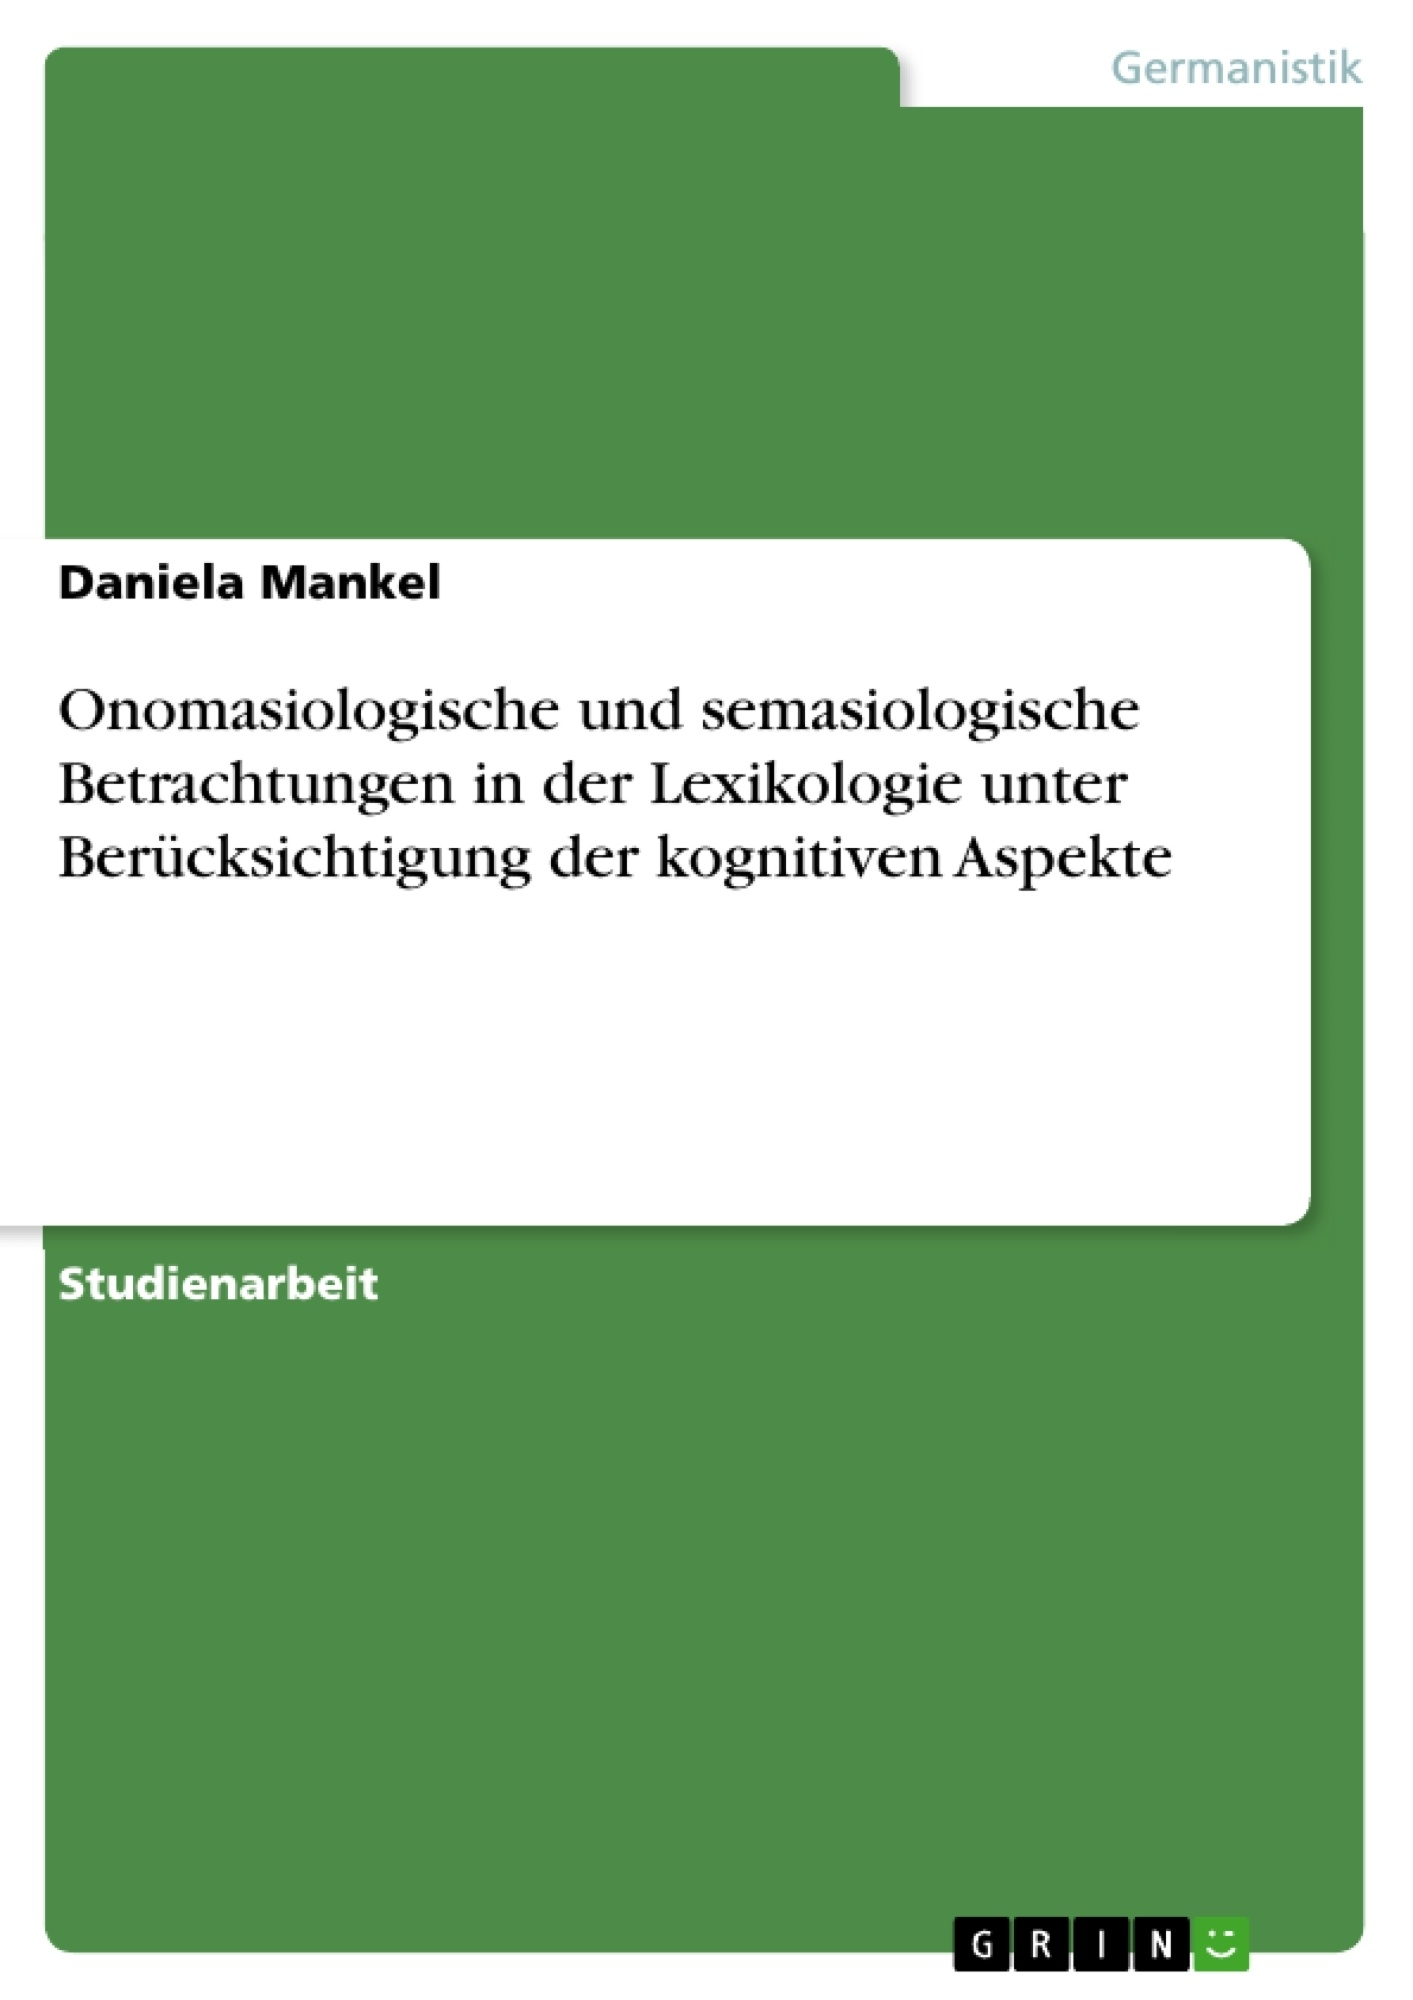 Titel: Onomasiologische und semasiologische Betrachtungen in der Lexikologie unter Berücksichtigung der kognitiven Aspekte